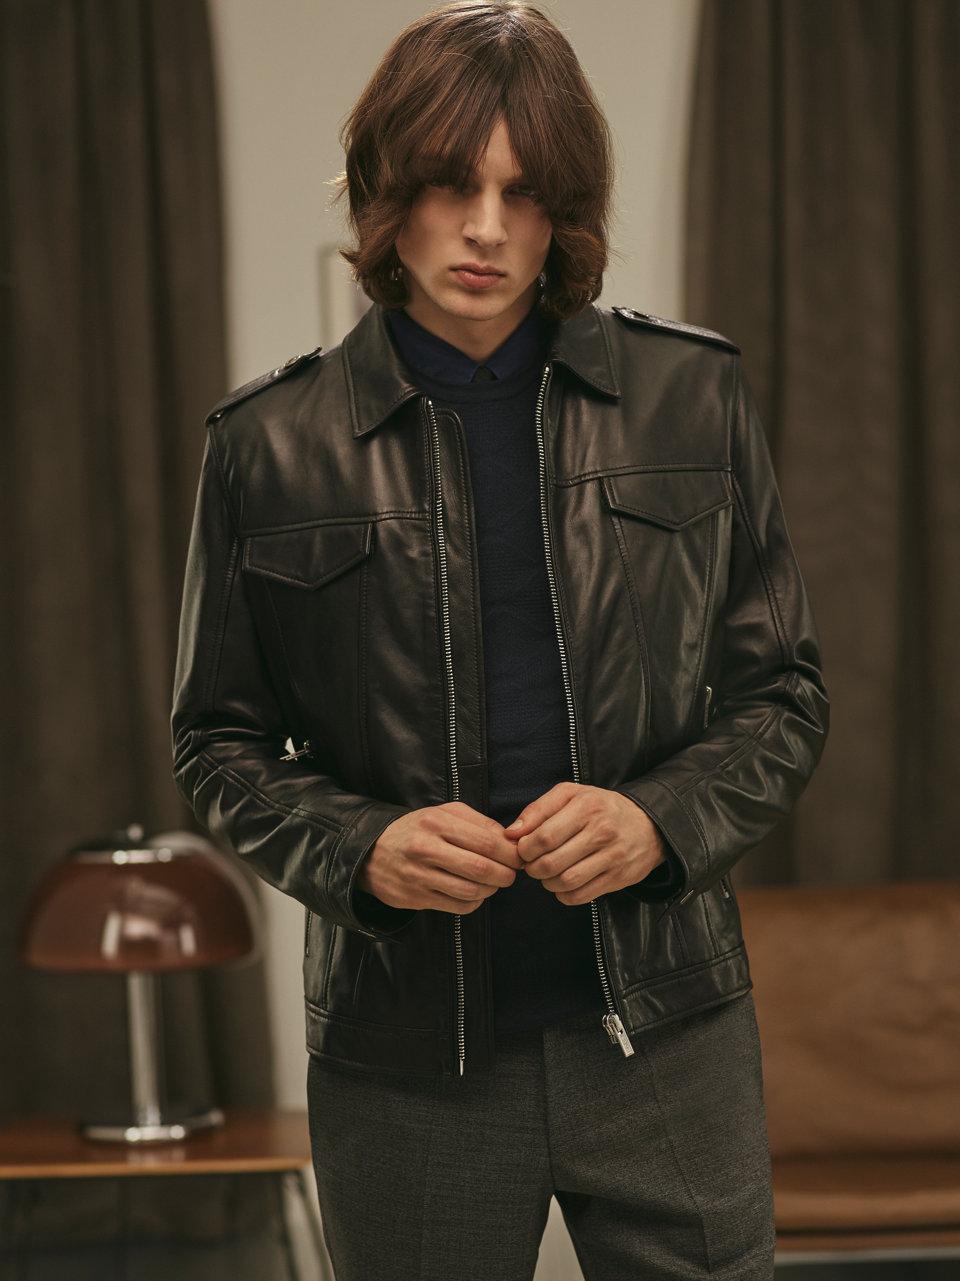 Le mannequin porte unblouson en cuir noirHUGO